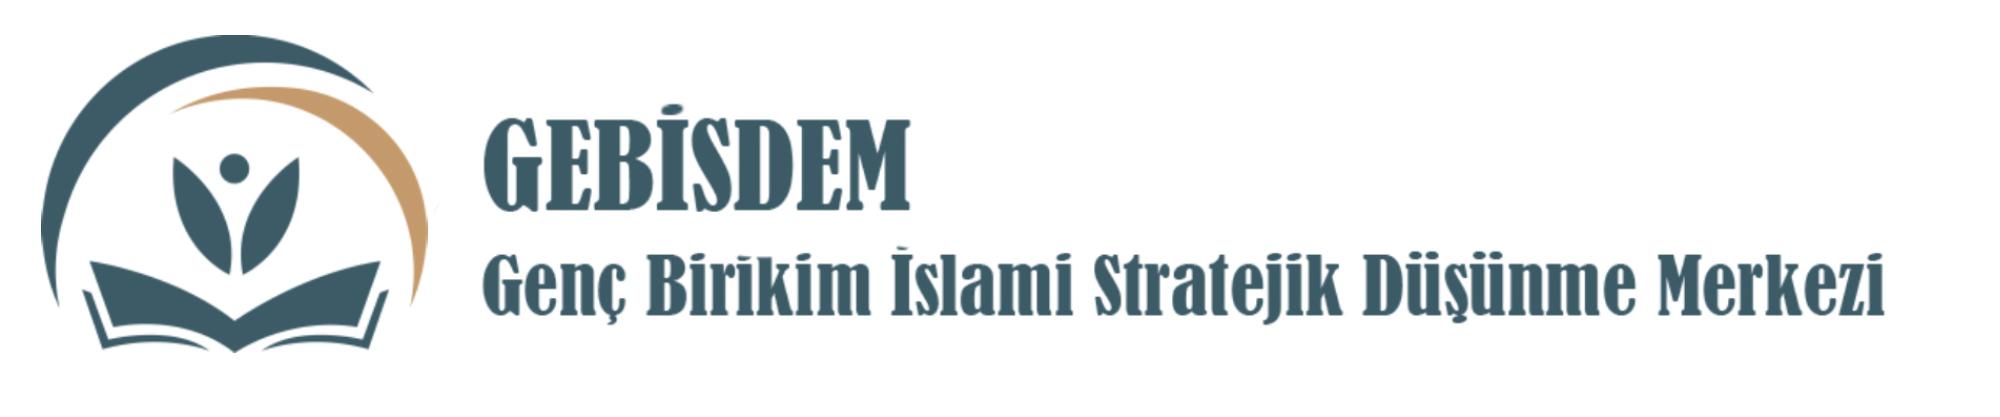 Genç Birikim İslami Stratejik Düşünce Merkezi